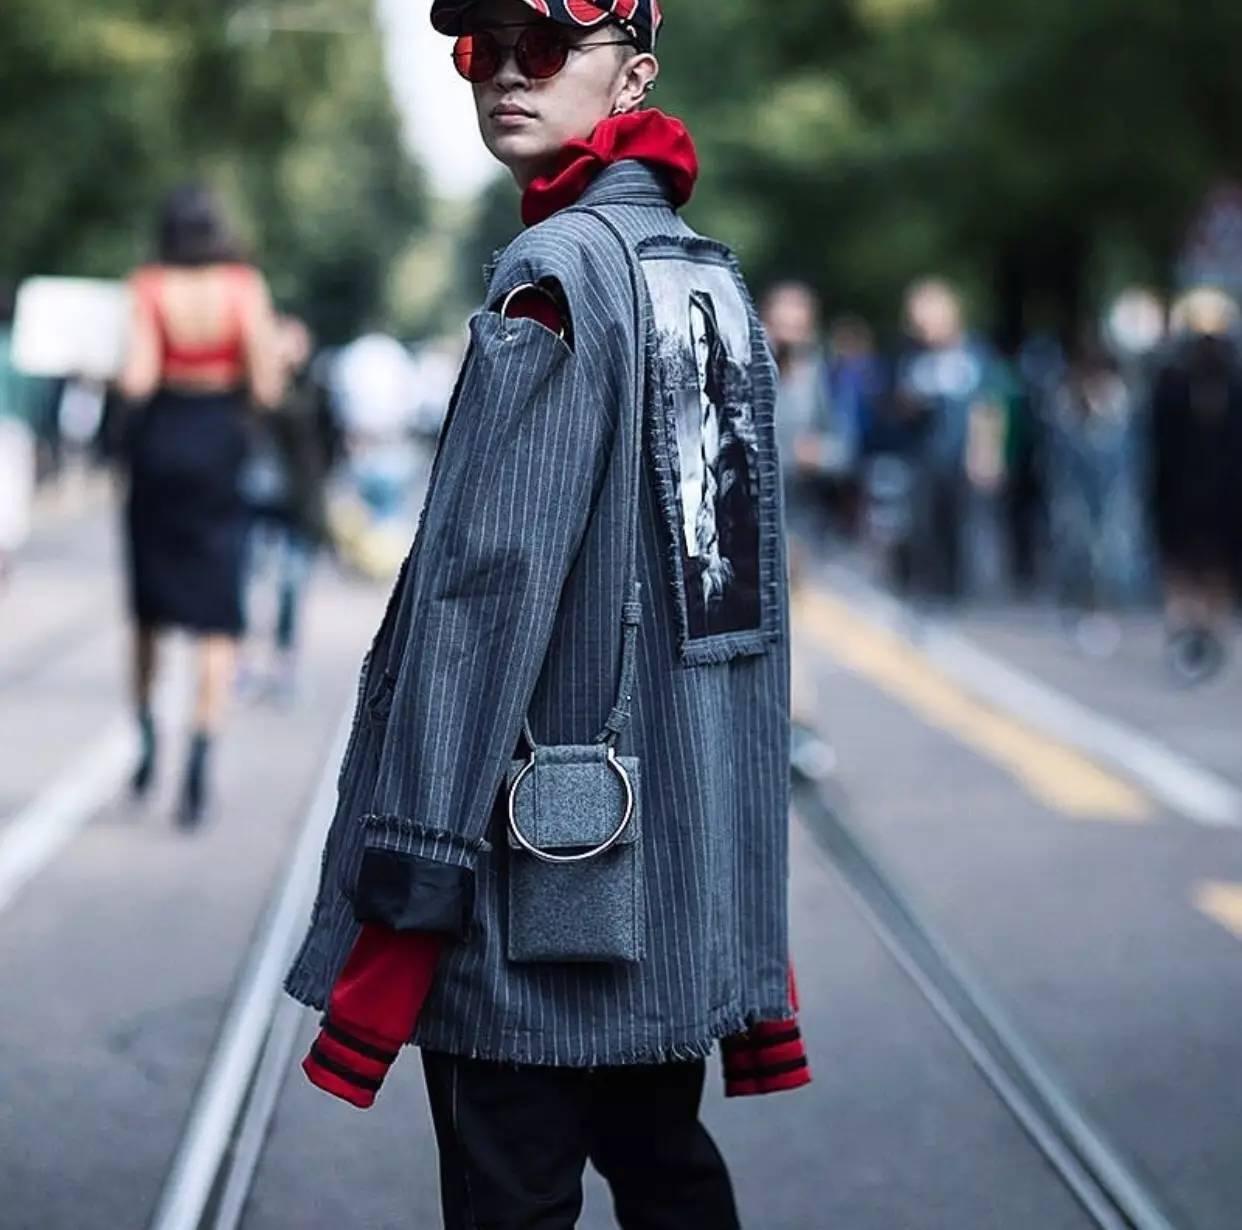 男人背小包真的就很娘吗?男士也很流行背小包 男士时尚 图22